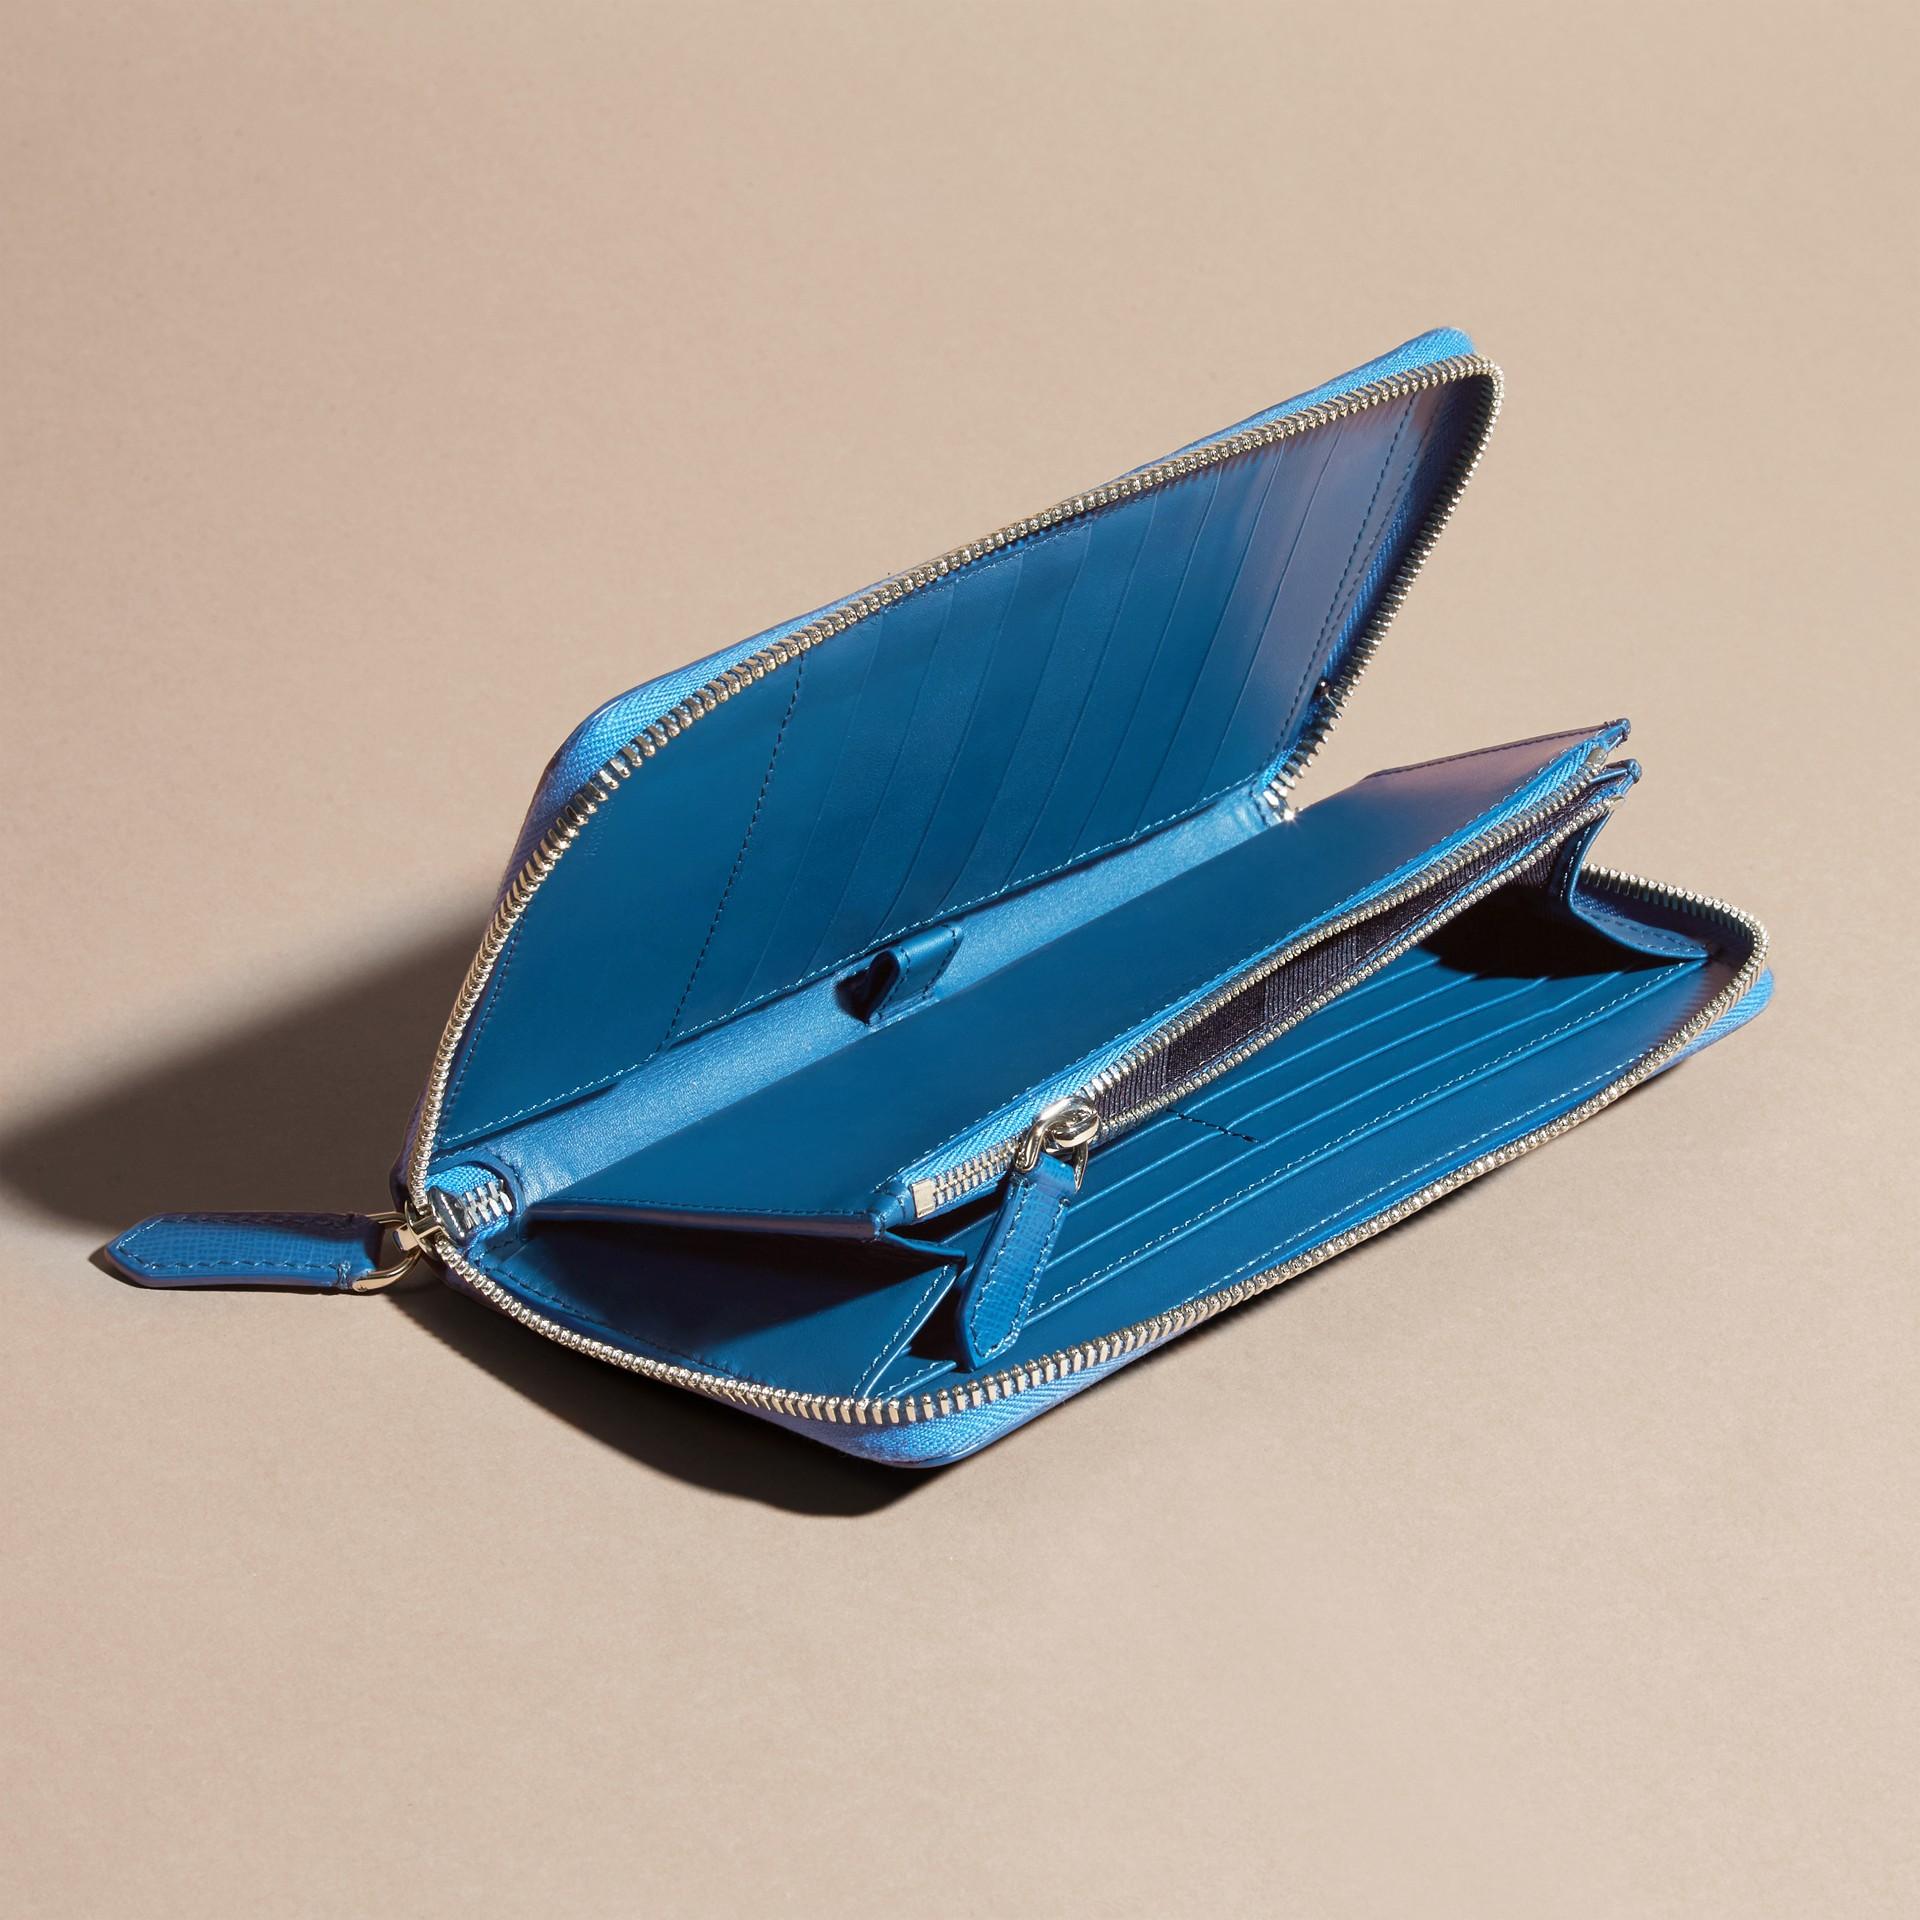 Bleu minéral Portefeuille zippé en cuir London - photo de la galerie 6